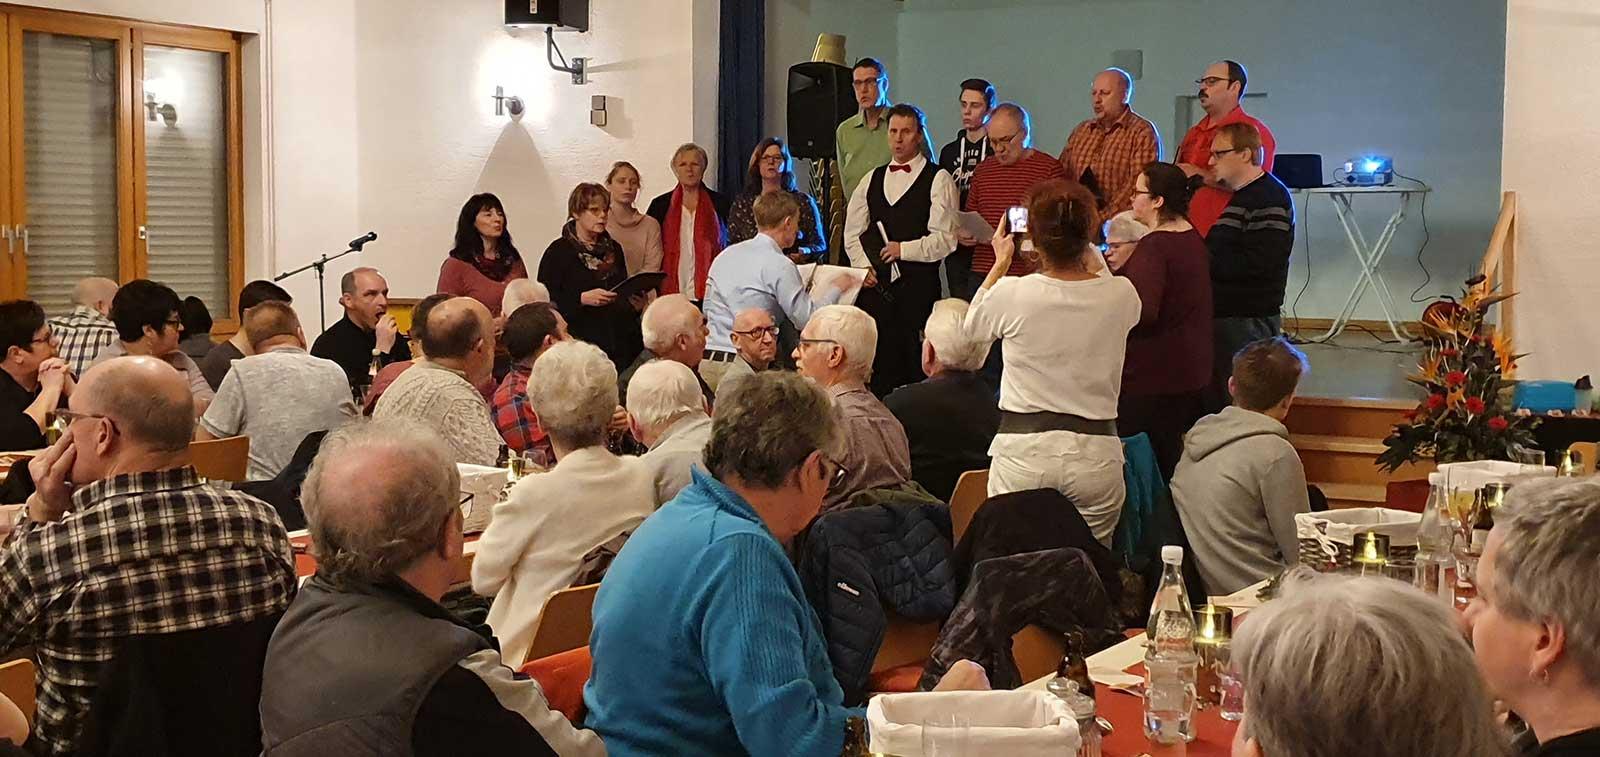 Der Stahlberger Chor sang vor fast vollem Haus.